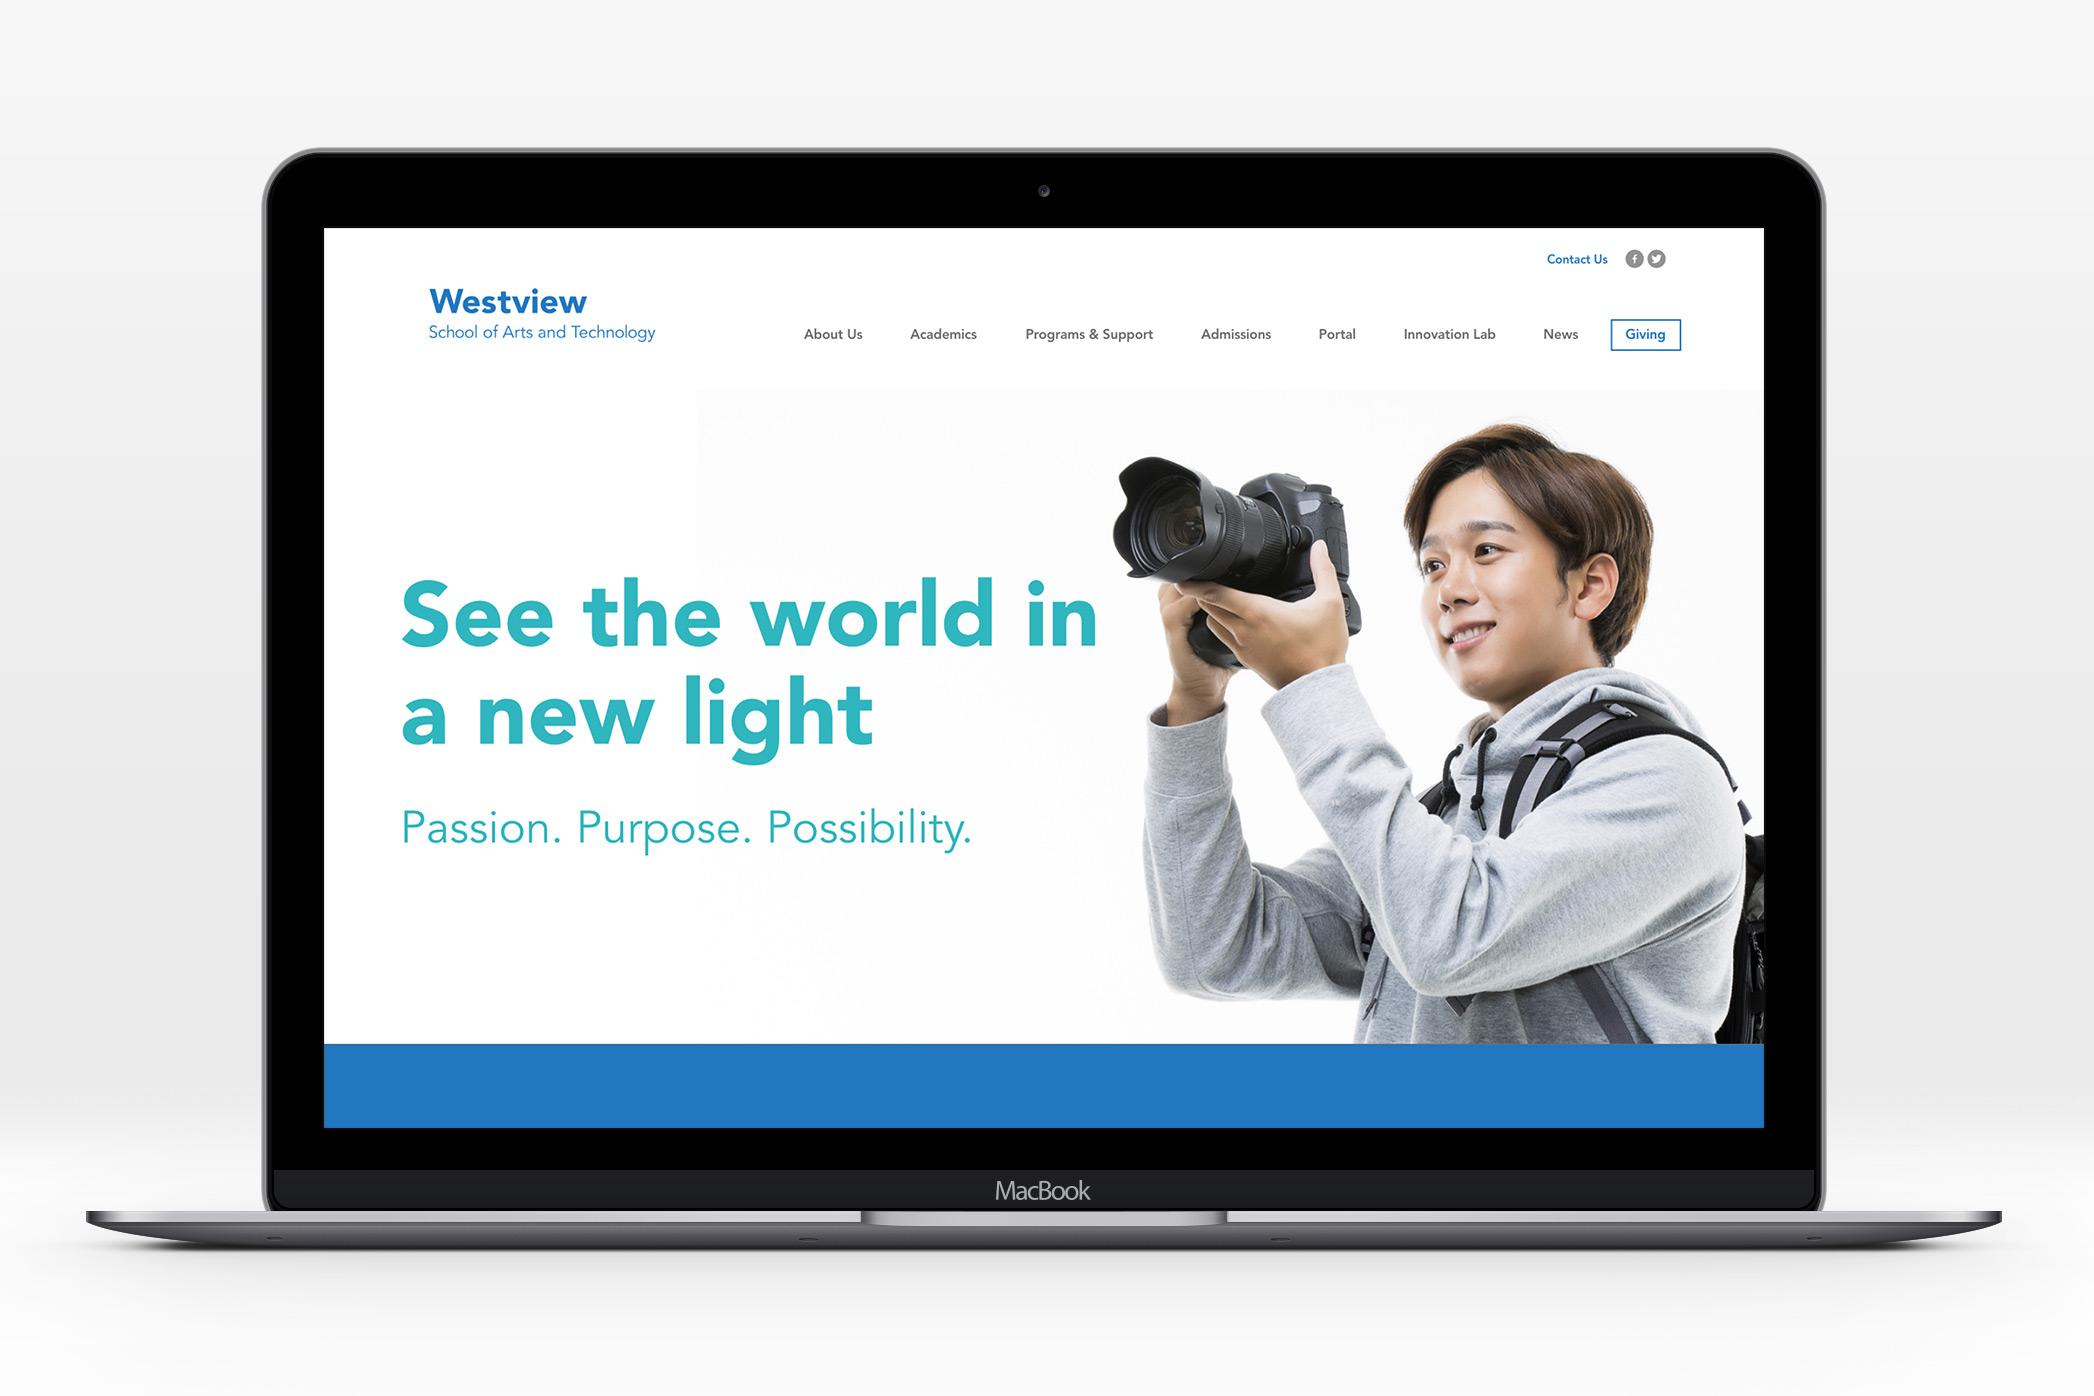 westview-web-mockup-4.jpg